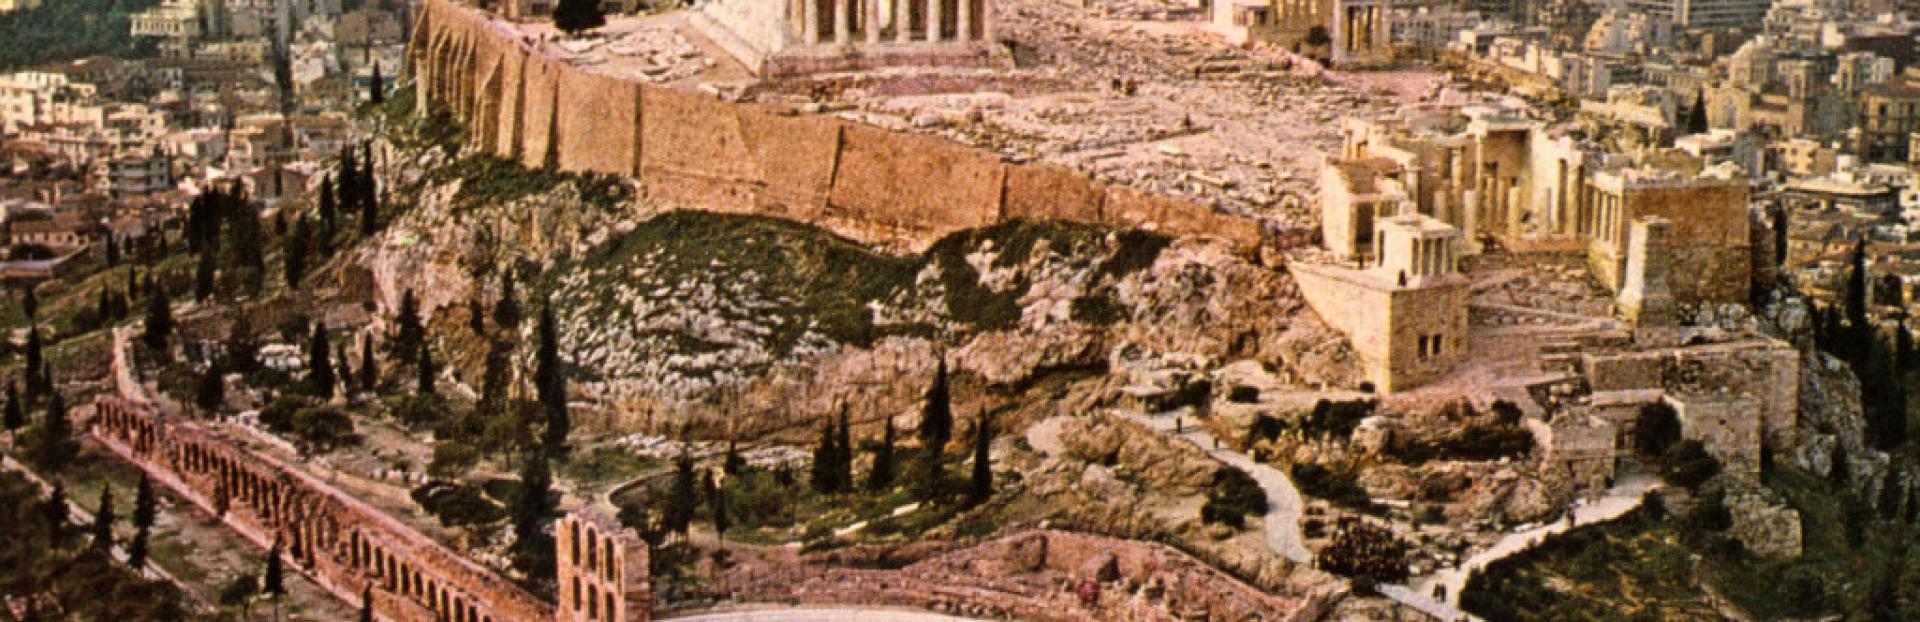 ДРЕВНА ЕЛАДА - Класическа Гърция  Солун, Вергина, Атина, Делфи, Олимпия, Микена